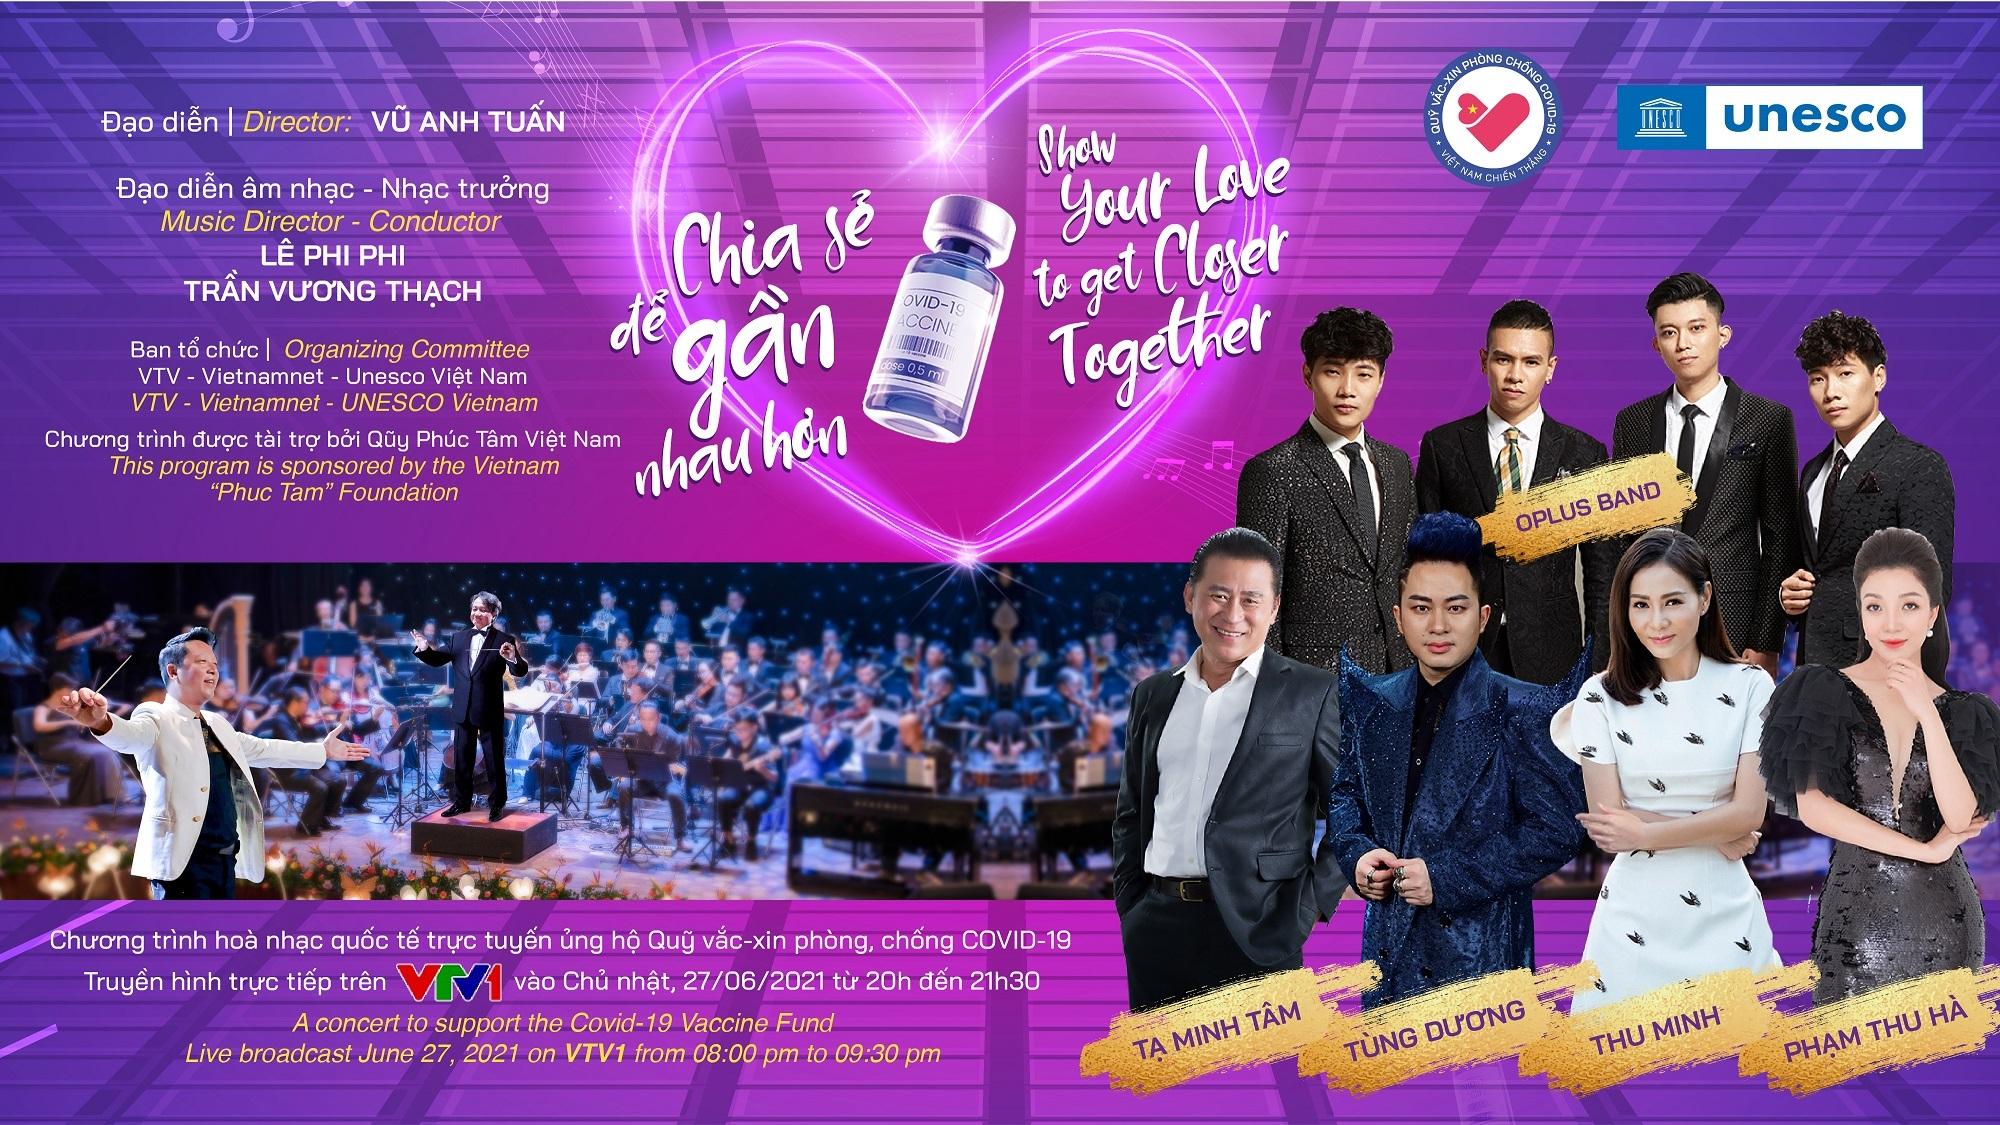 Phạm Thu Hà hạnh phúc cất tiếng hát ở Hòa nhạc ủng hộ Quỹ vắc-xin Covid-19